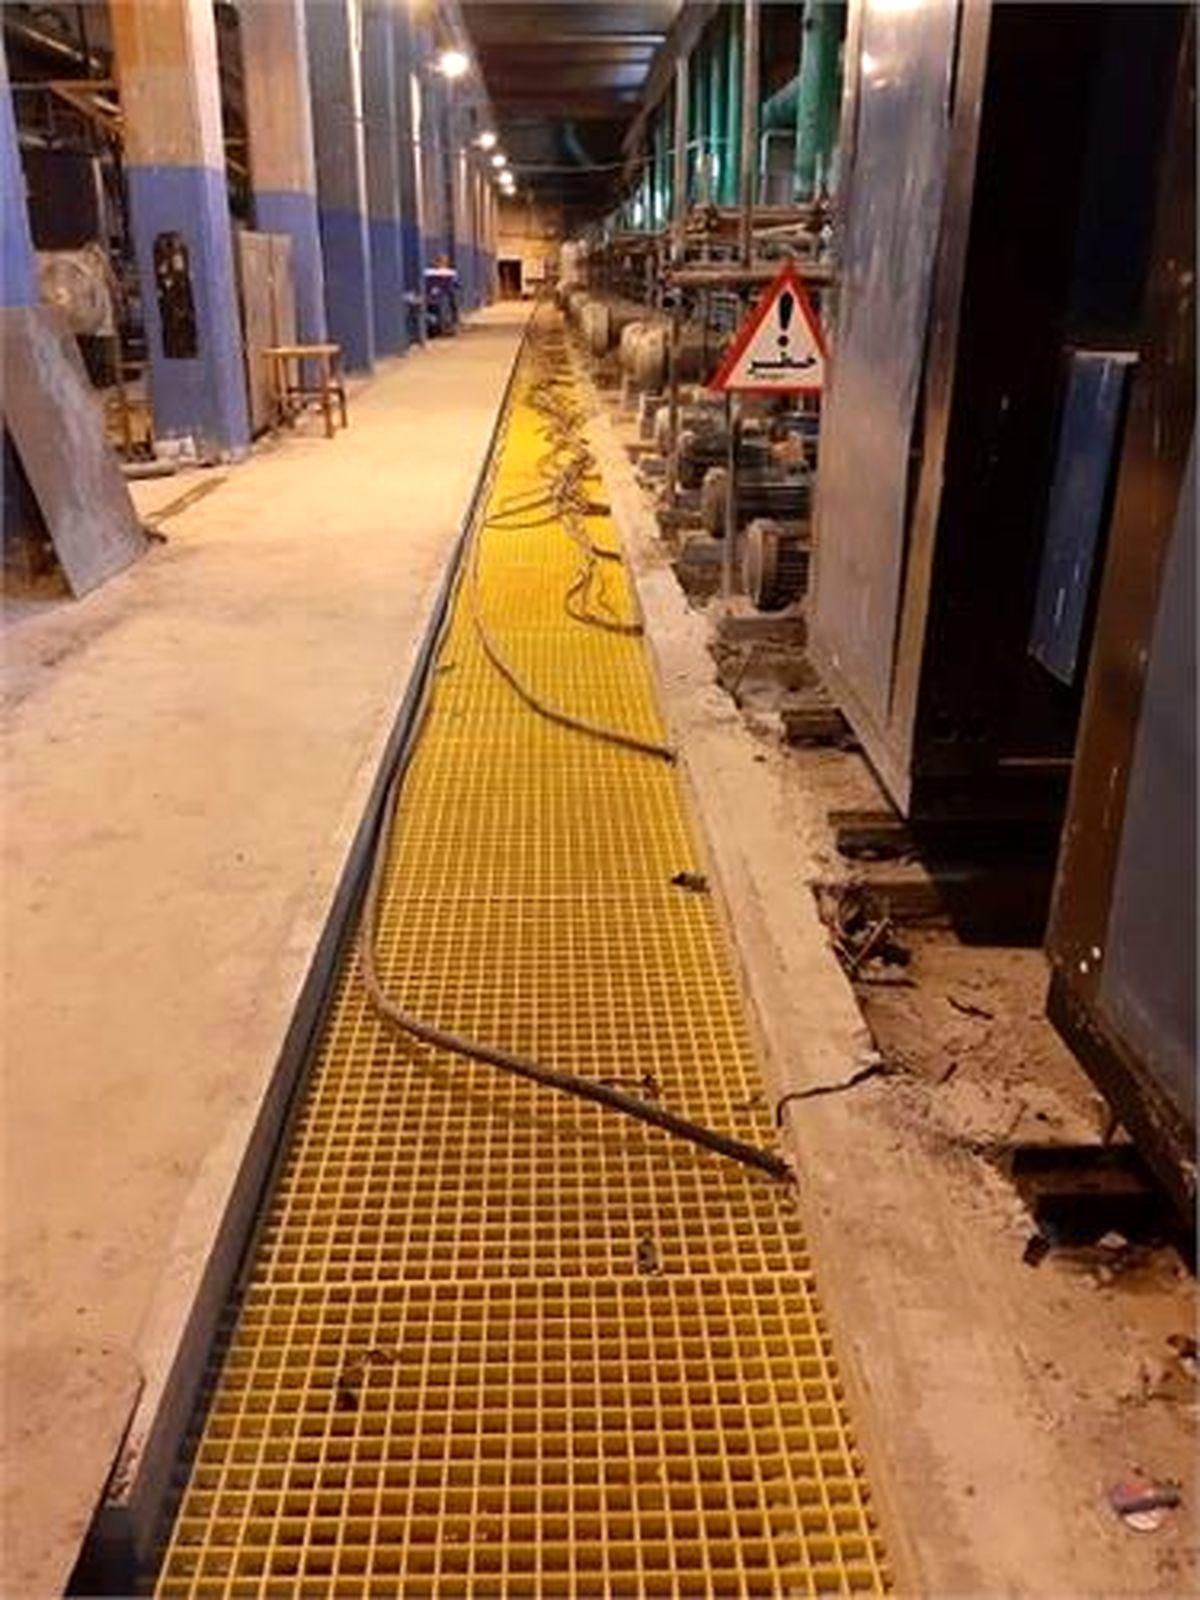 کانال کابلهای برق پمپخانه مرکزی تصفیه خانه آب بازسازی شد